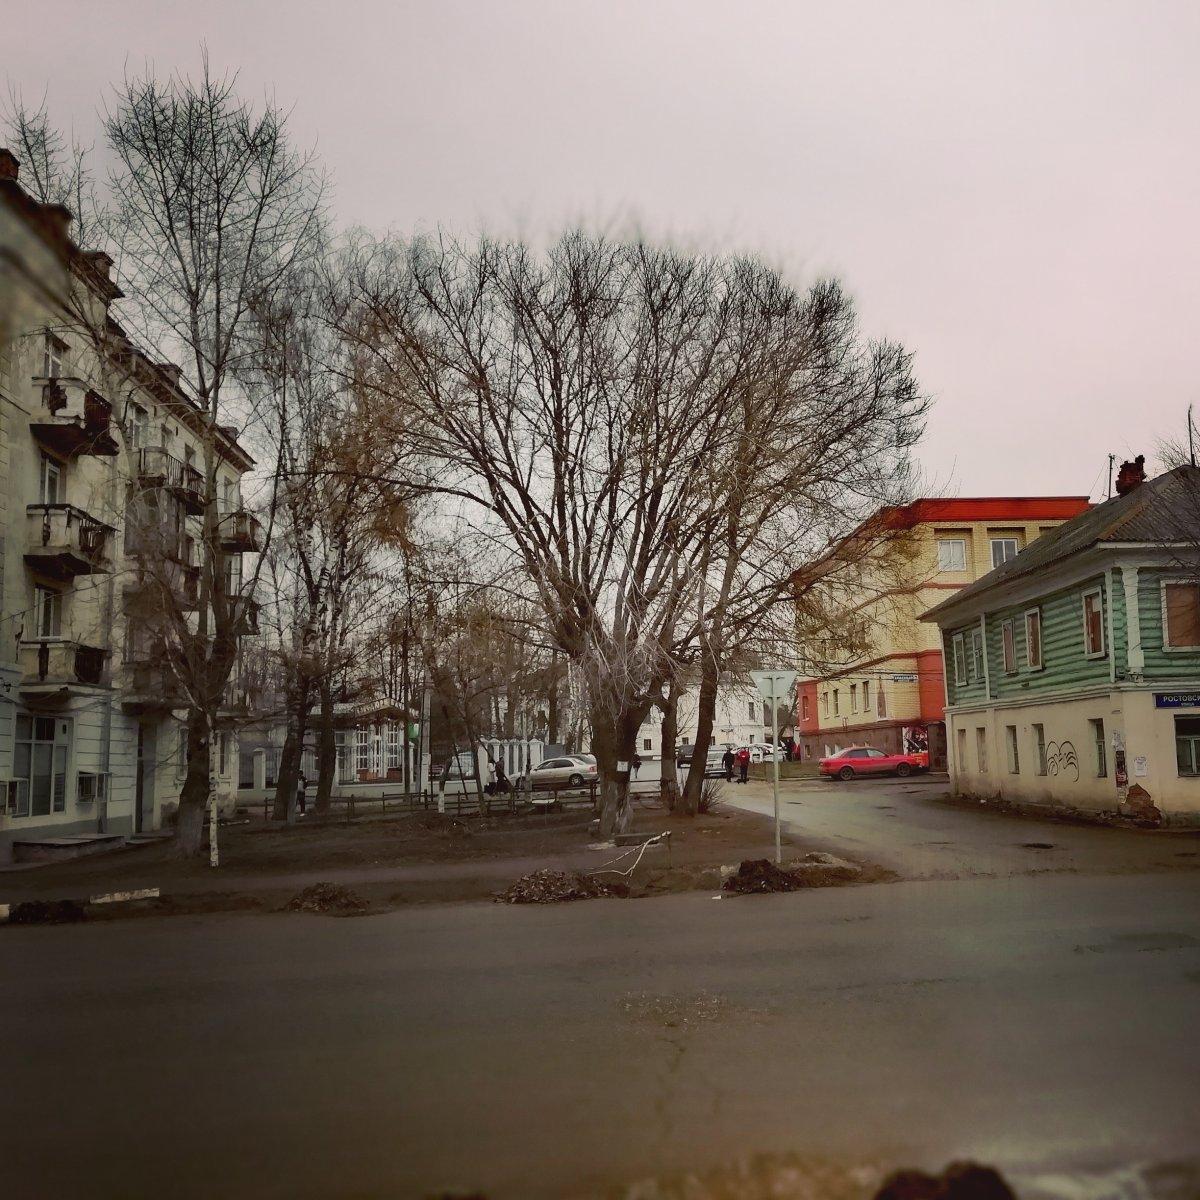 Три эпохи в одном кадре. Уникальный Переславль.